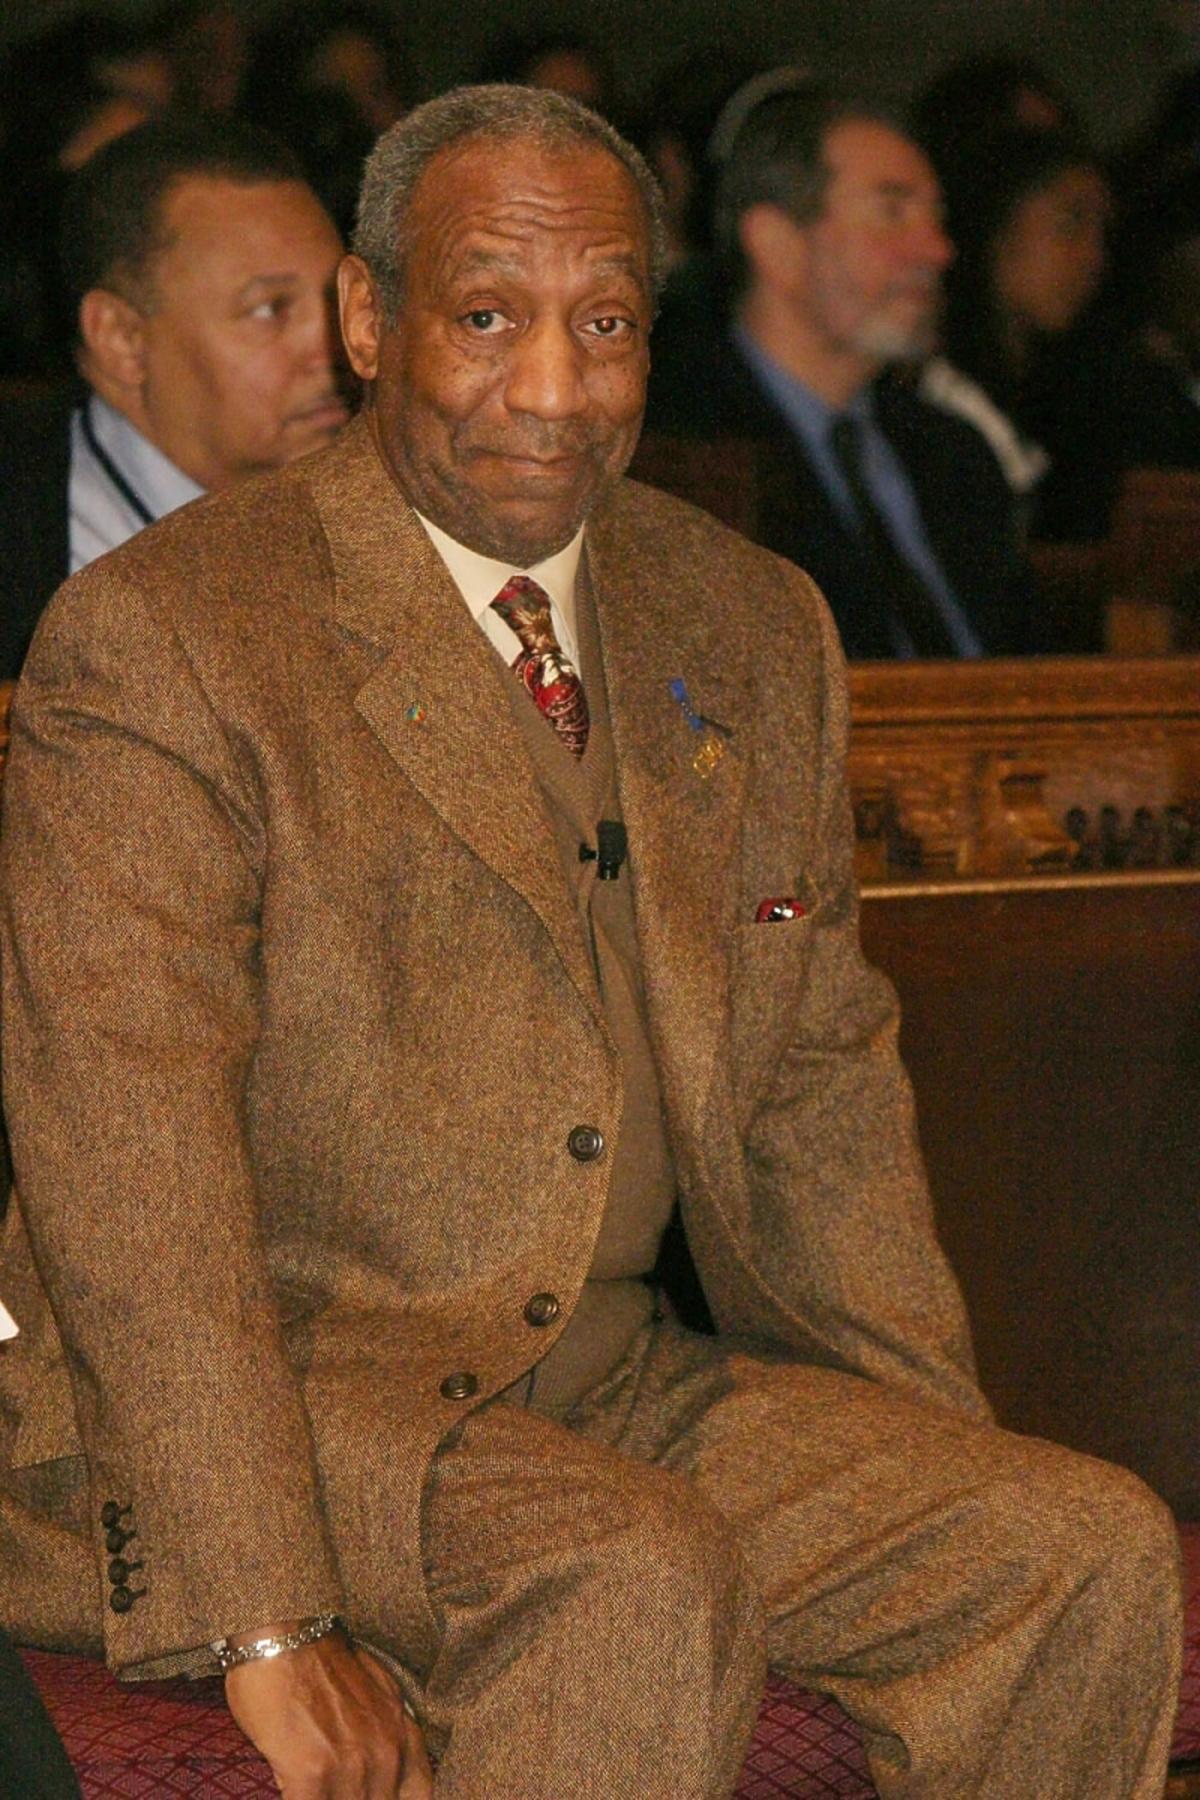 Bill Cosby przyznał się, że dawał środki nasenne kobietom aby je wykorzystać seksualnie